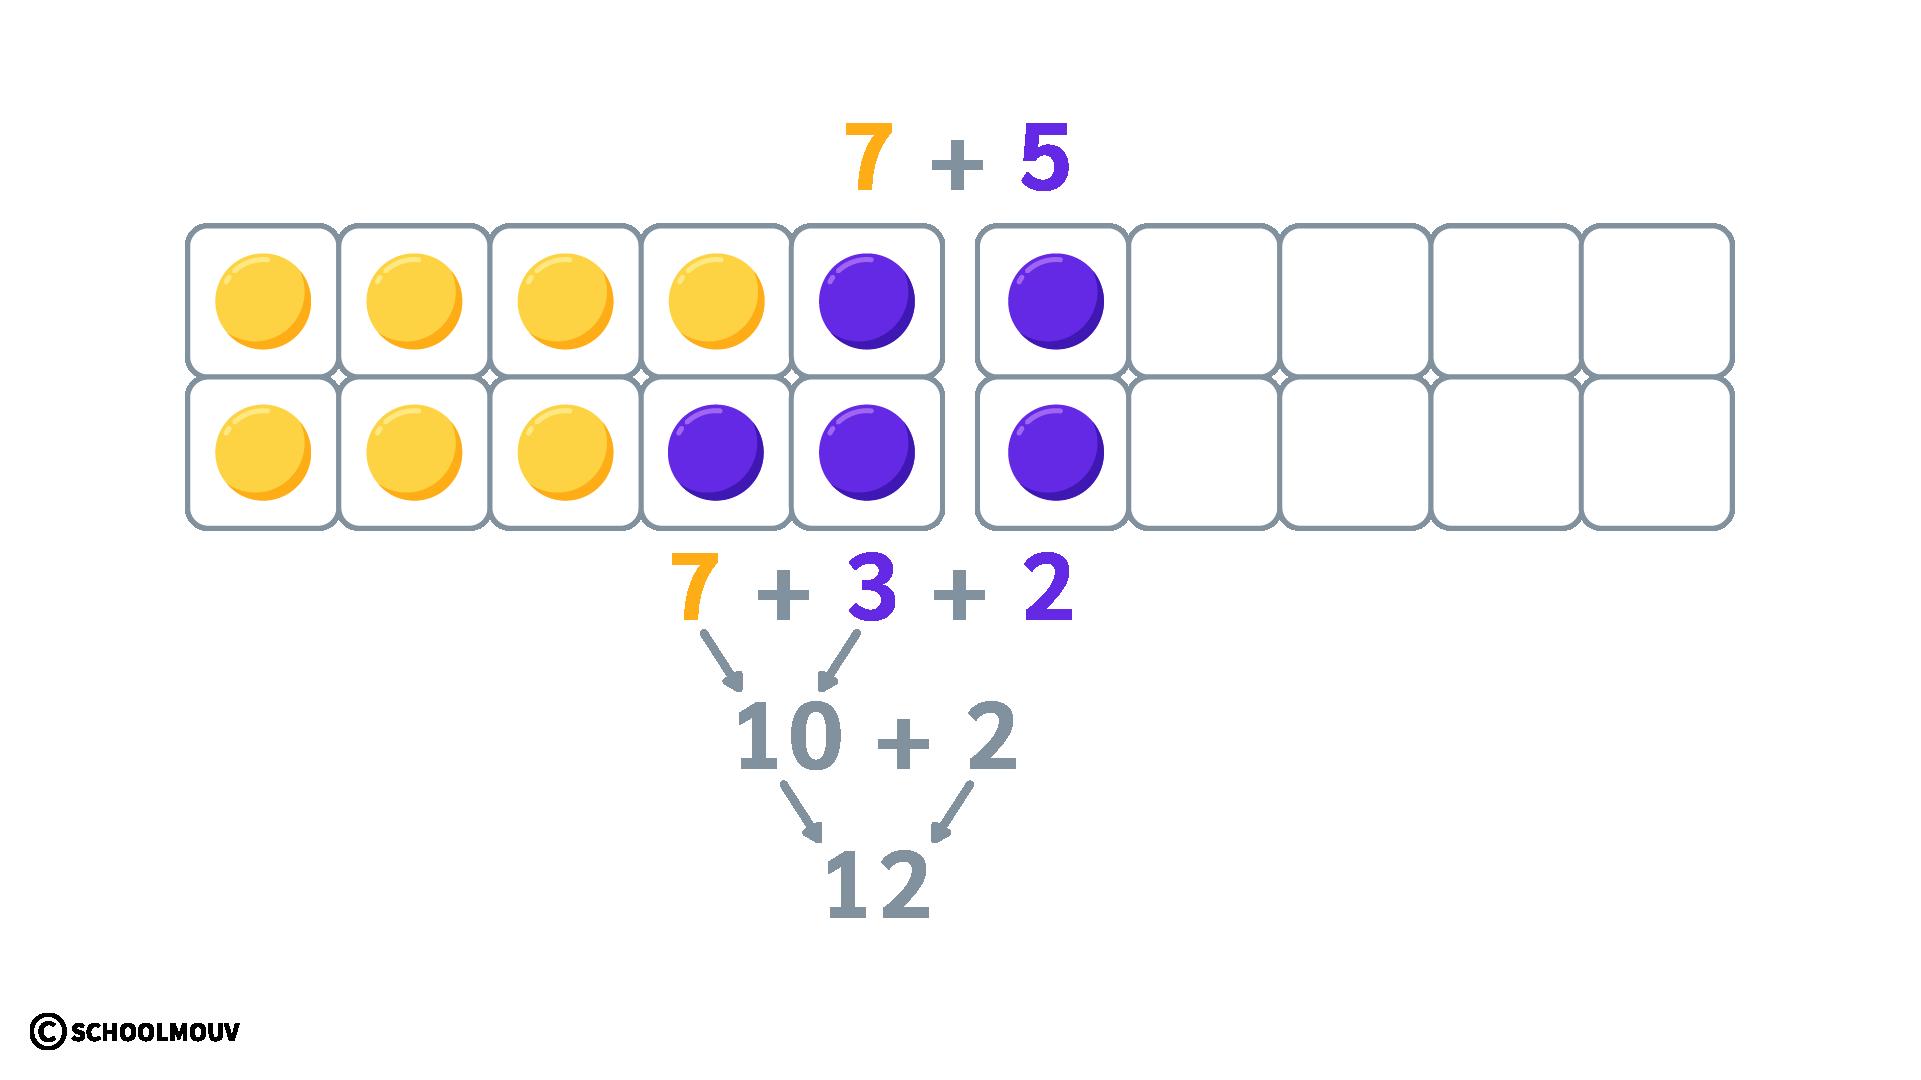 sommes et différences de deux nombres entiers